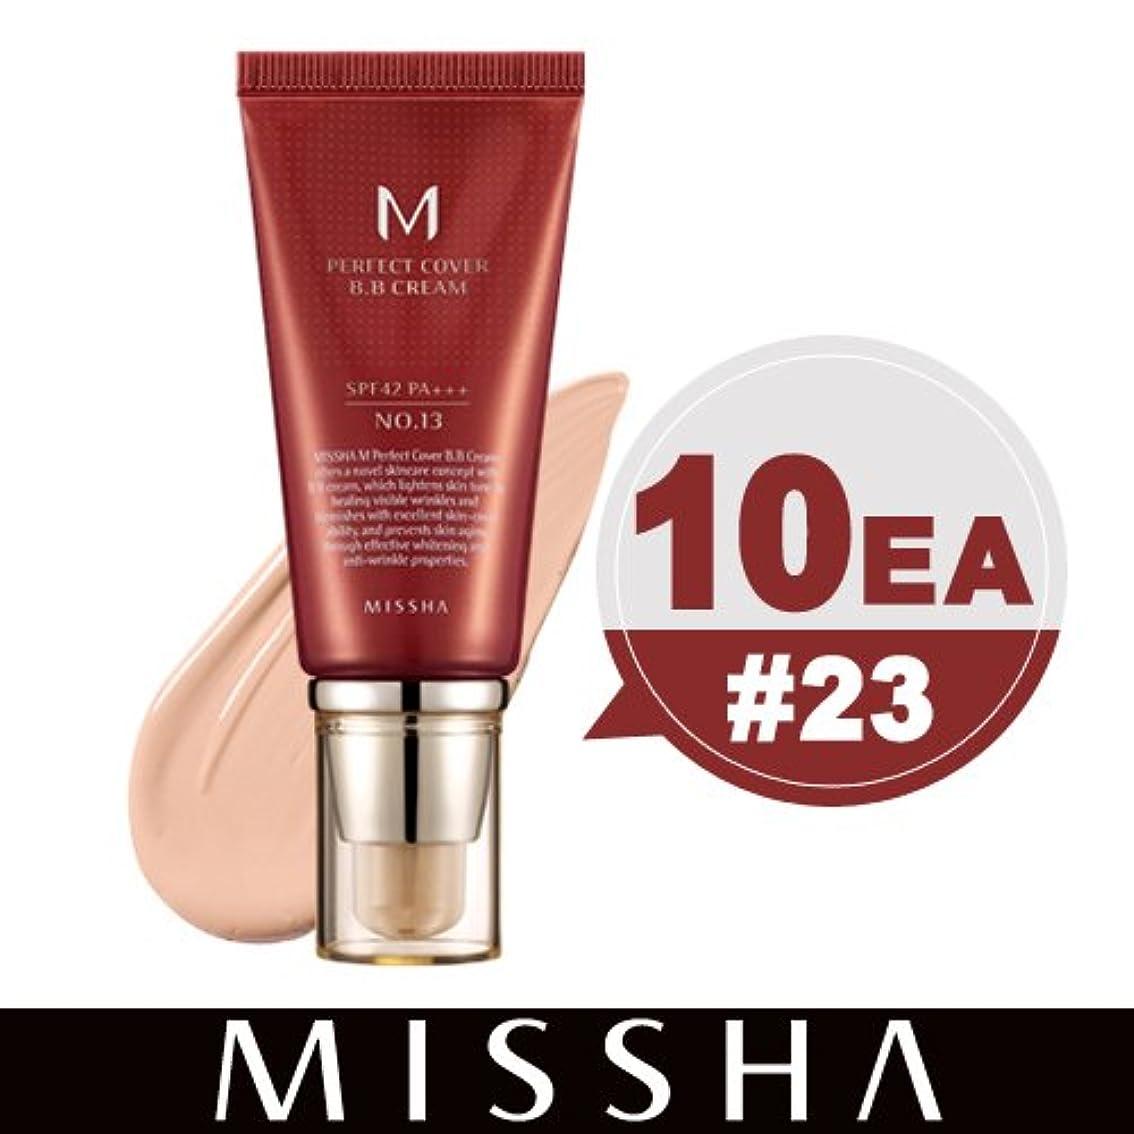 [MISSHA/ミシャ] M パーフェクトカバーBBクリーム UV SPF42 PA+++ (No.23)10本 セット [HONEST SKIN海外直送品]